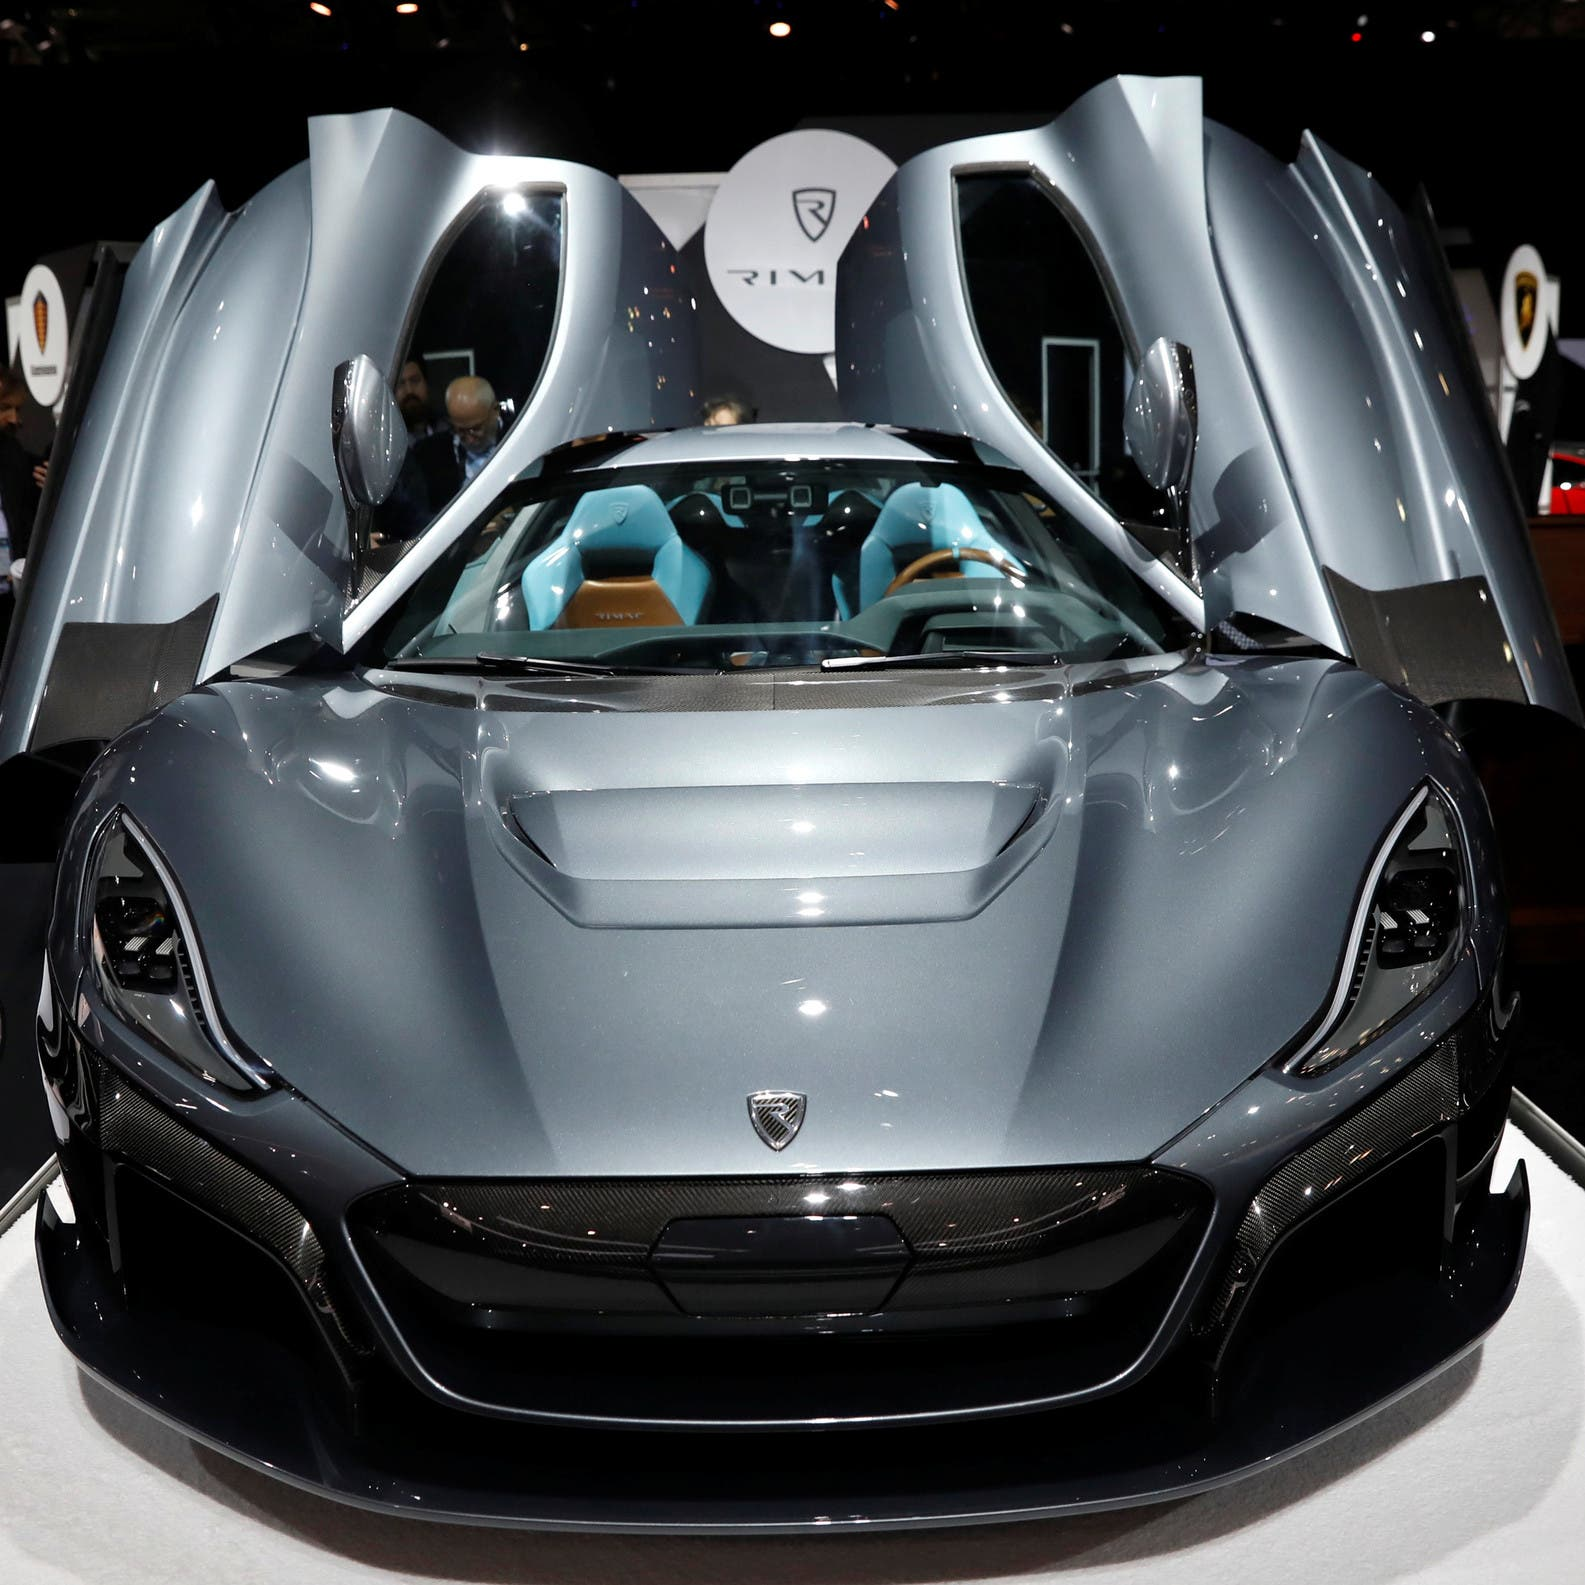 15 دقيقة لشحنها.. بورشه تصنع بطاريات خاصة لسياراتها الكهربائية الفائقة